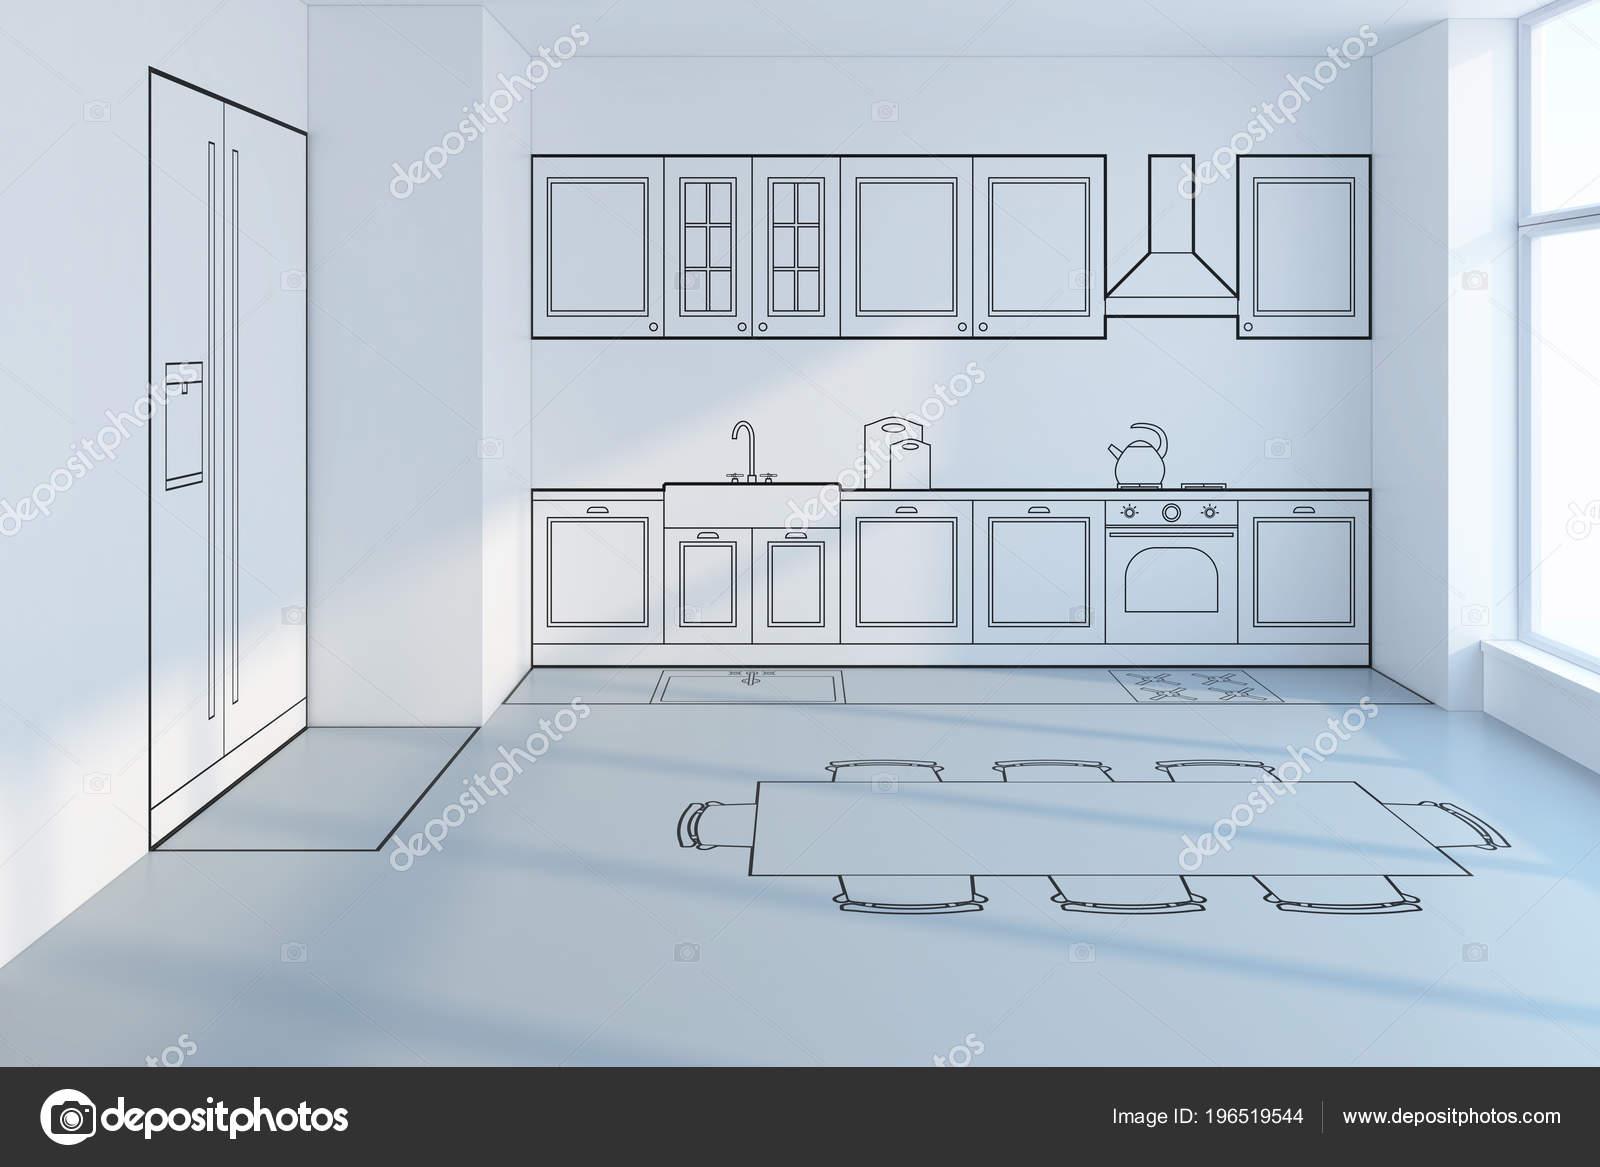 Luxury Kitchen Planning Images - Modern Kitchen Set - dietmania.info